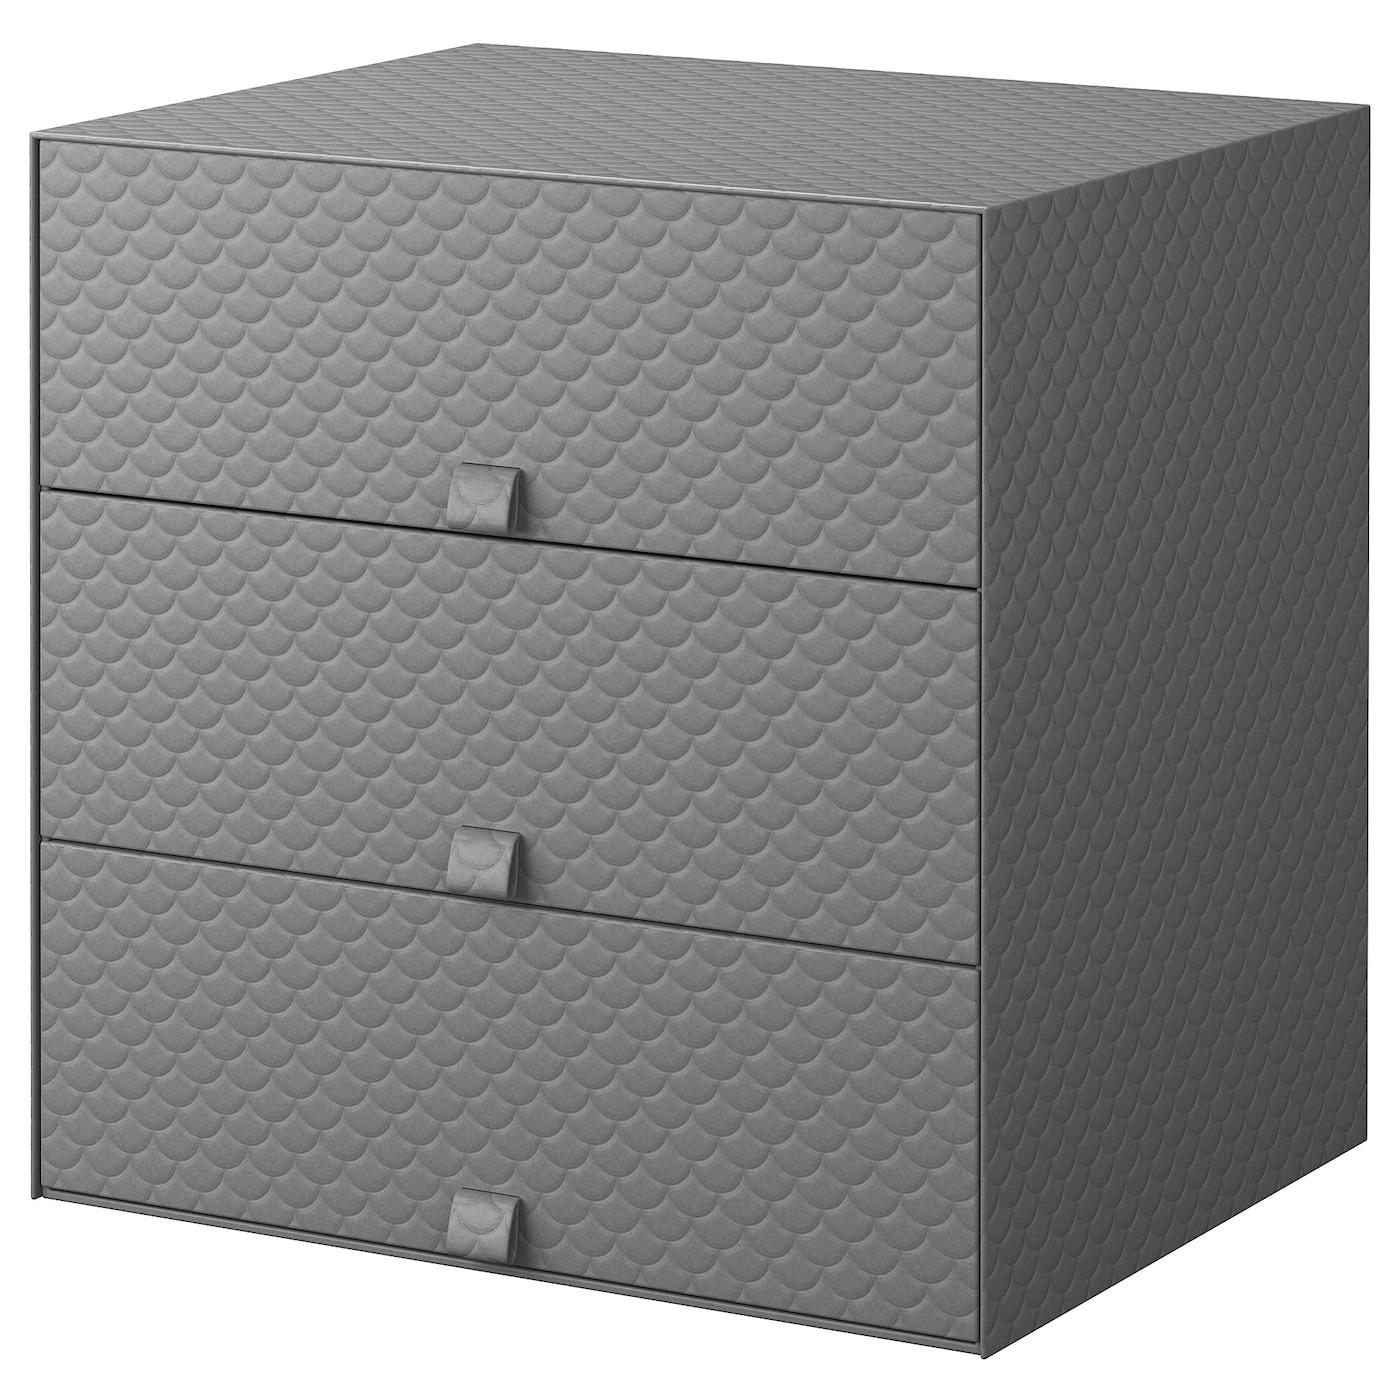 Cassettiera Ikea 3 Cassetti.Pallra Minicassettiera A 3 Cassetti Grigio Scuro 31x26x31 Cm Ikea It